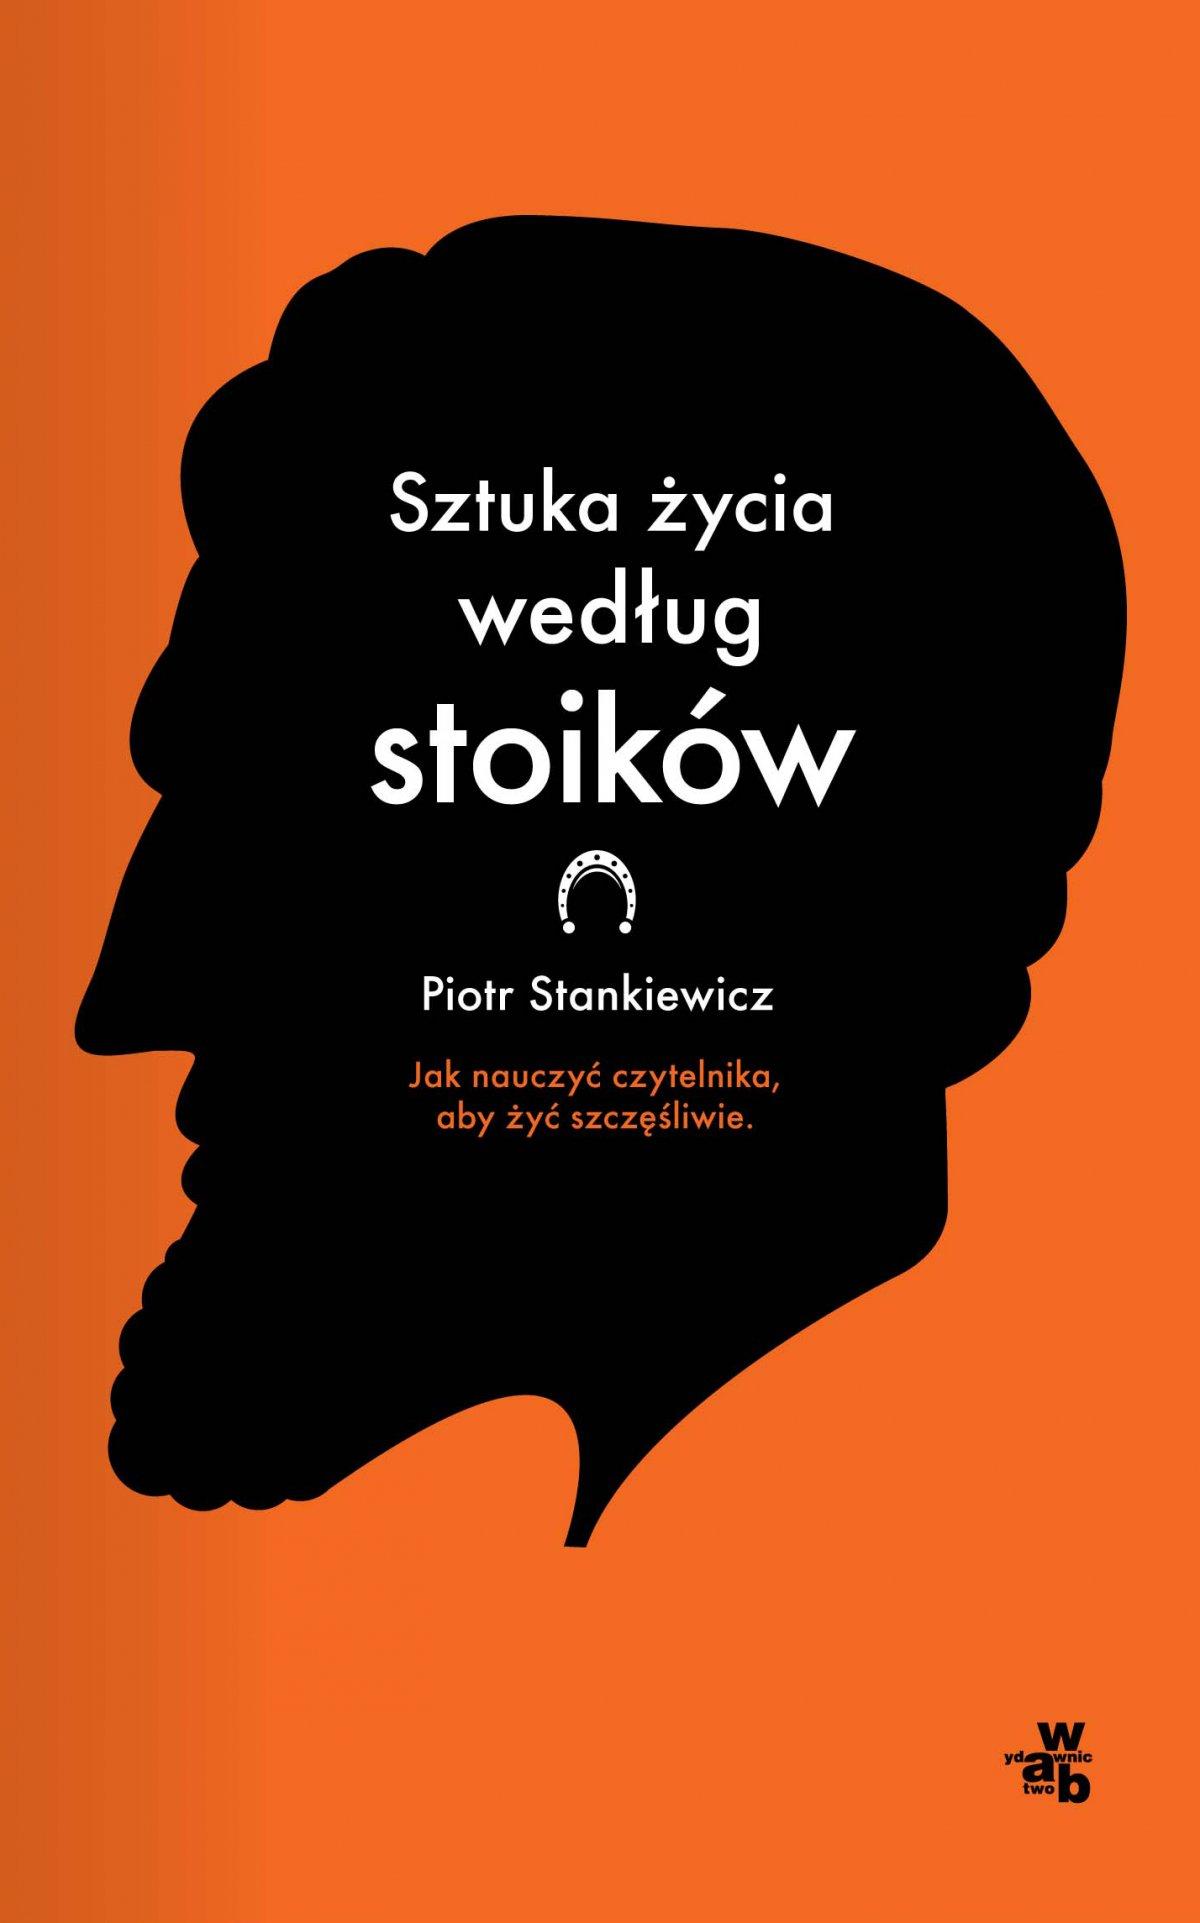 Sztuka życia według stoików - Piotr Stankiewicz